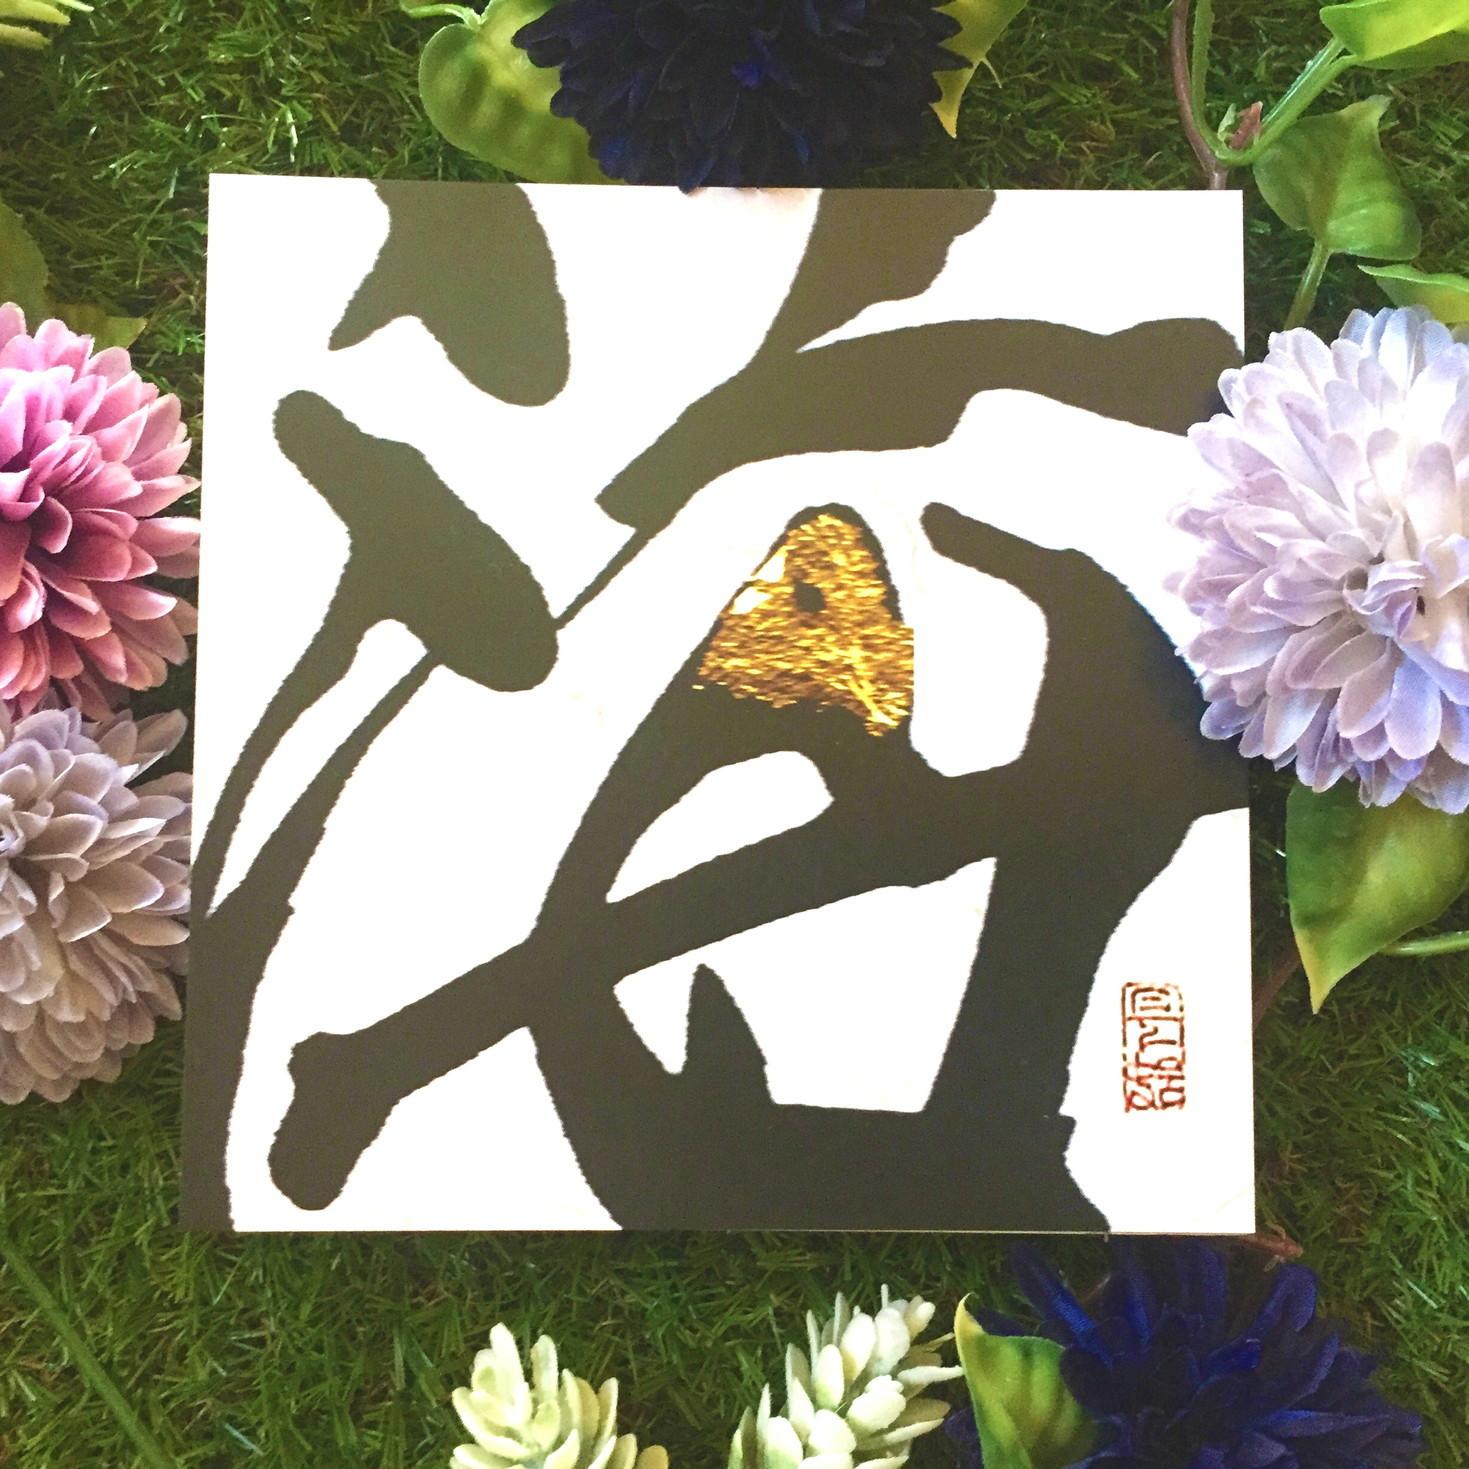 絵画 インテリア アートパネル 雑貨 壁掛け 置物 おしゃれ 和風アート 和 水彩画 染色画 アクリル画 ロココロ 画家 : 中島月下村 作品 : 海